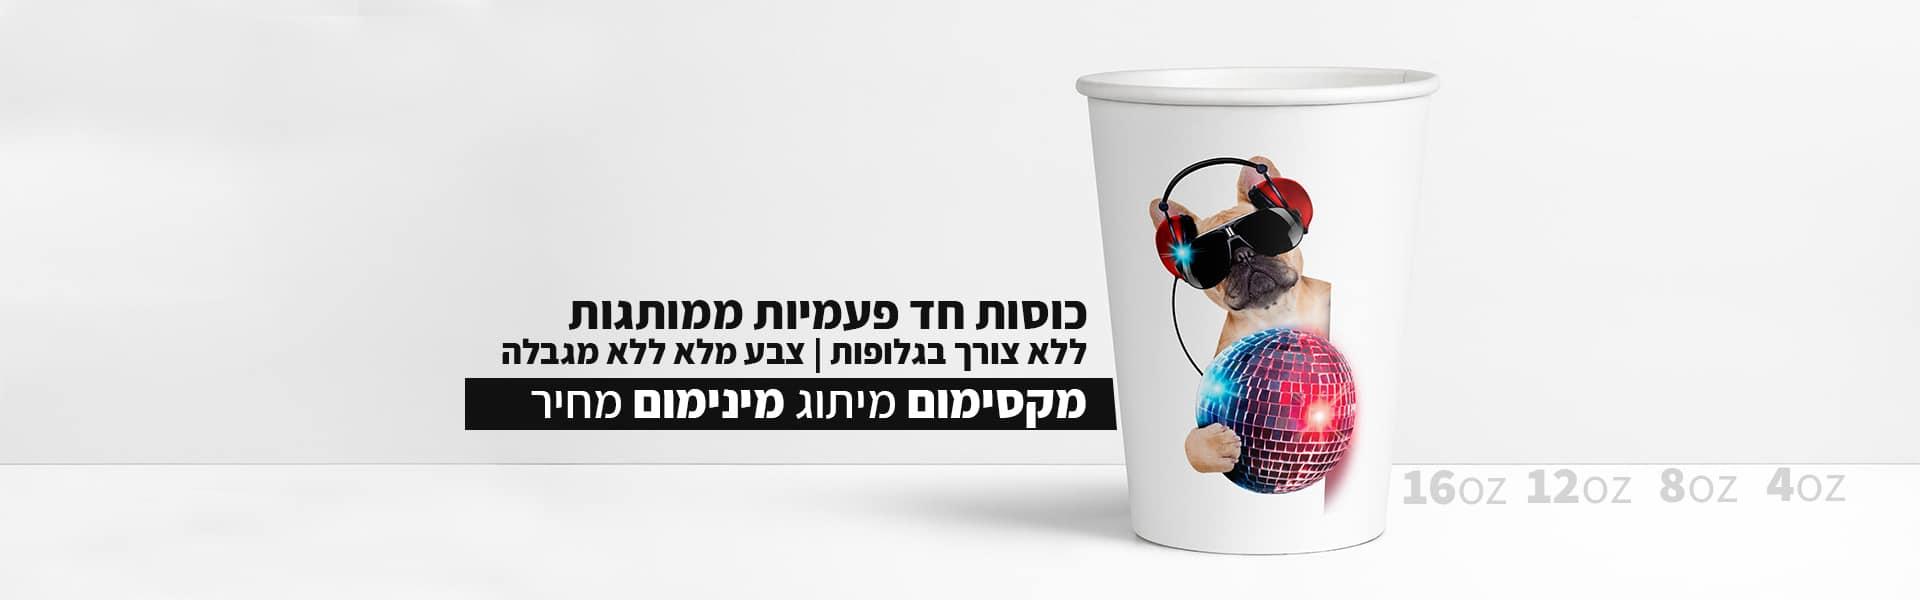 גט פרינט - כוסות חד פעמיות ממותגות - דפוס לעסקים Get Print